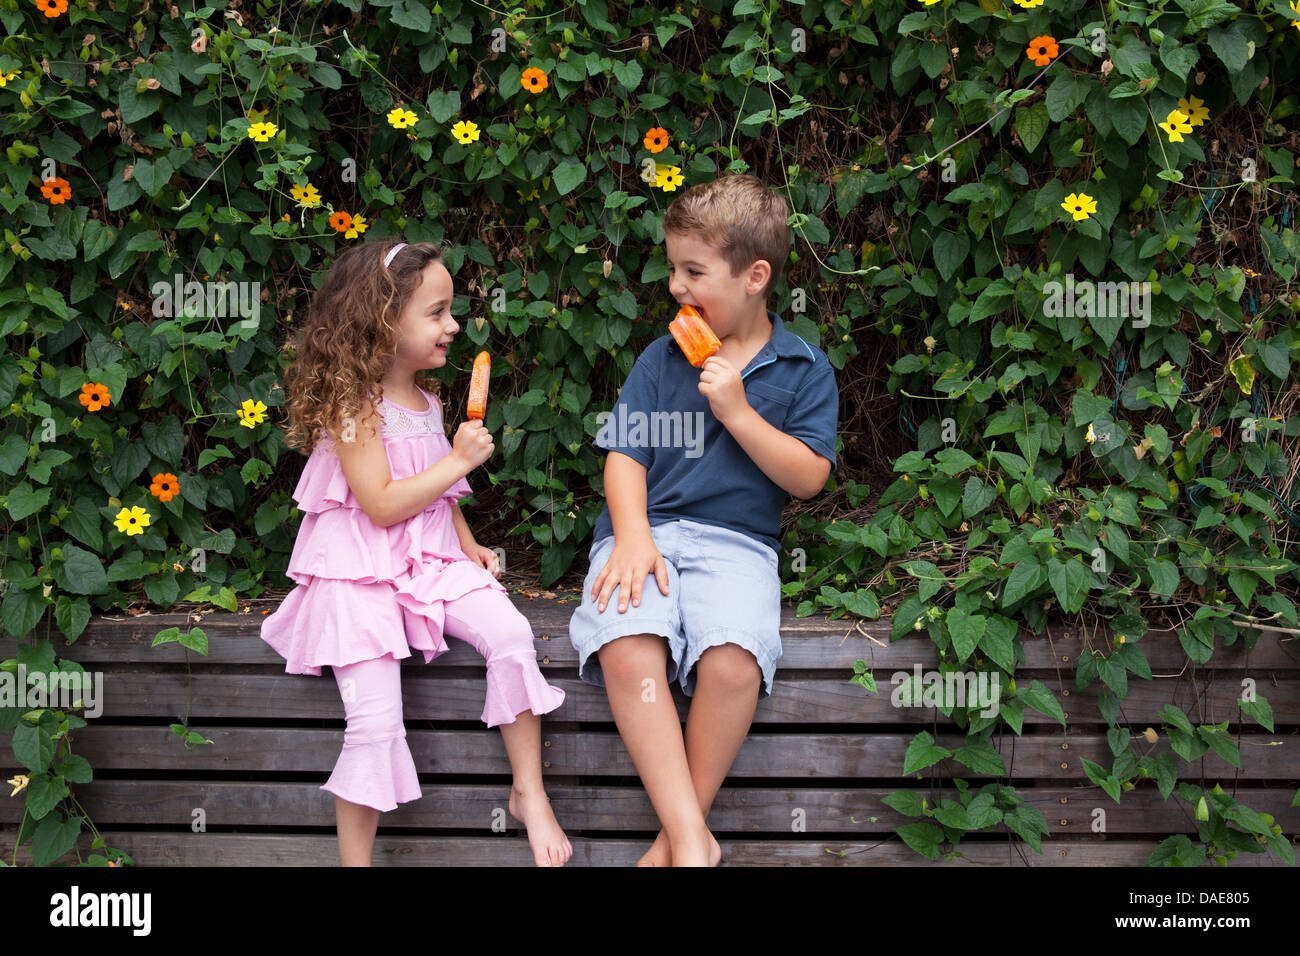 Bruder und Schwester essen Eis am Stiehl durch Pflanzen Stockbild